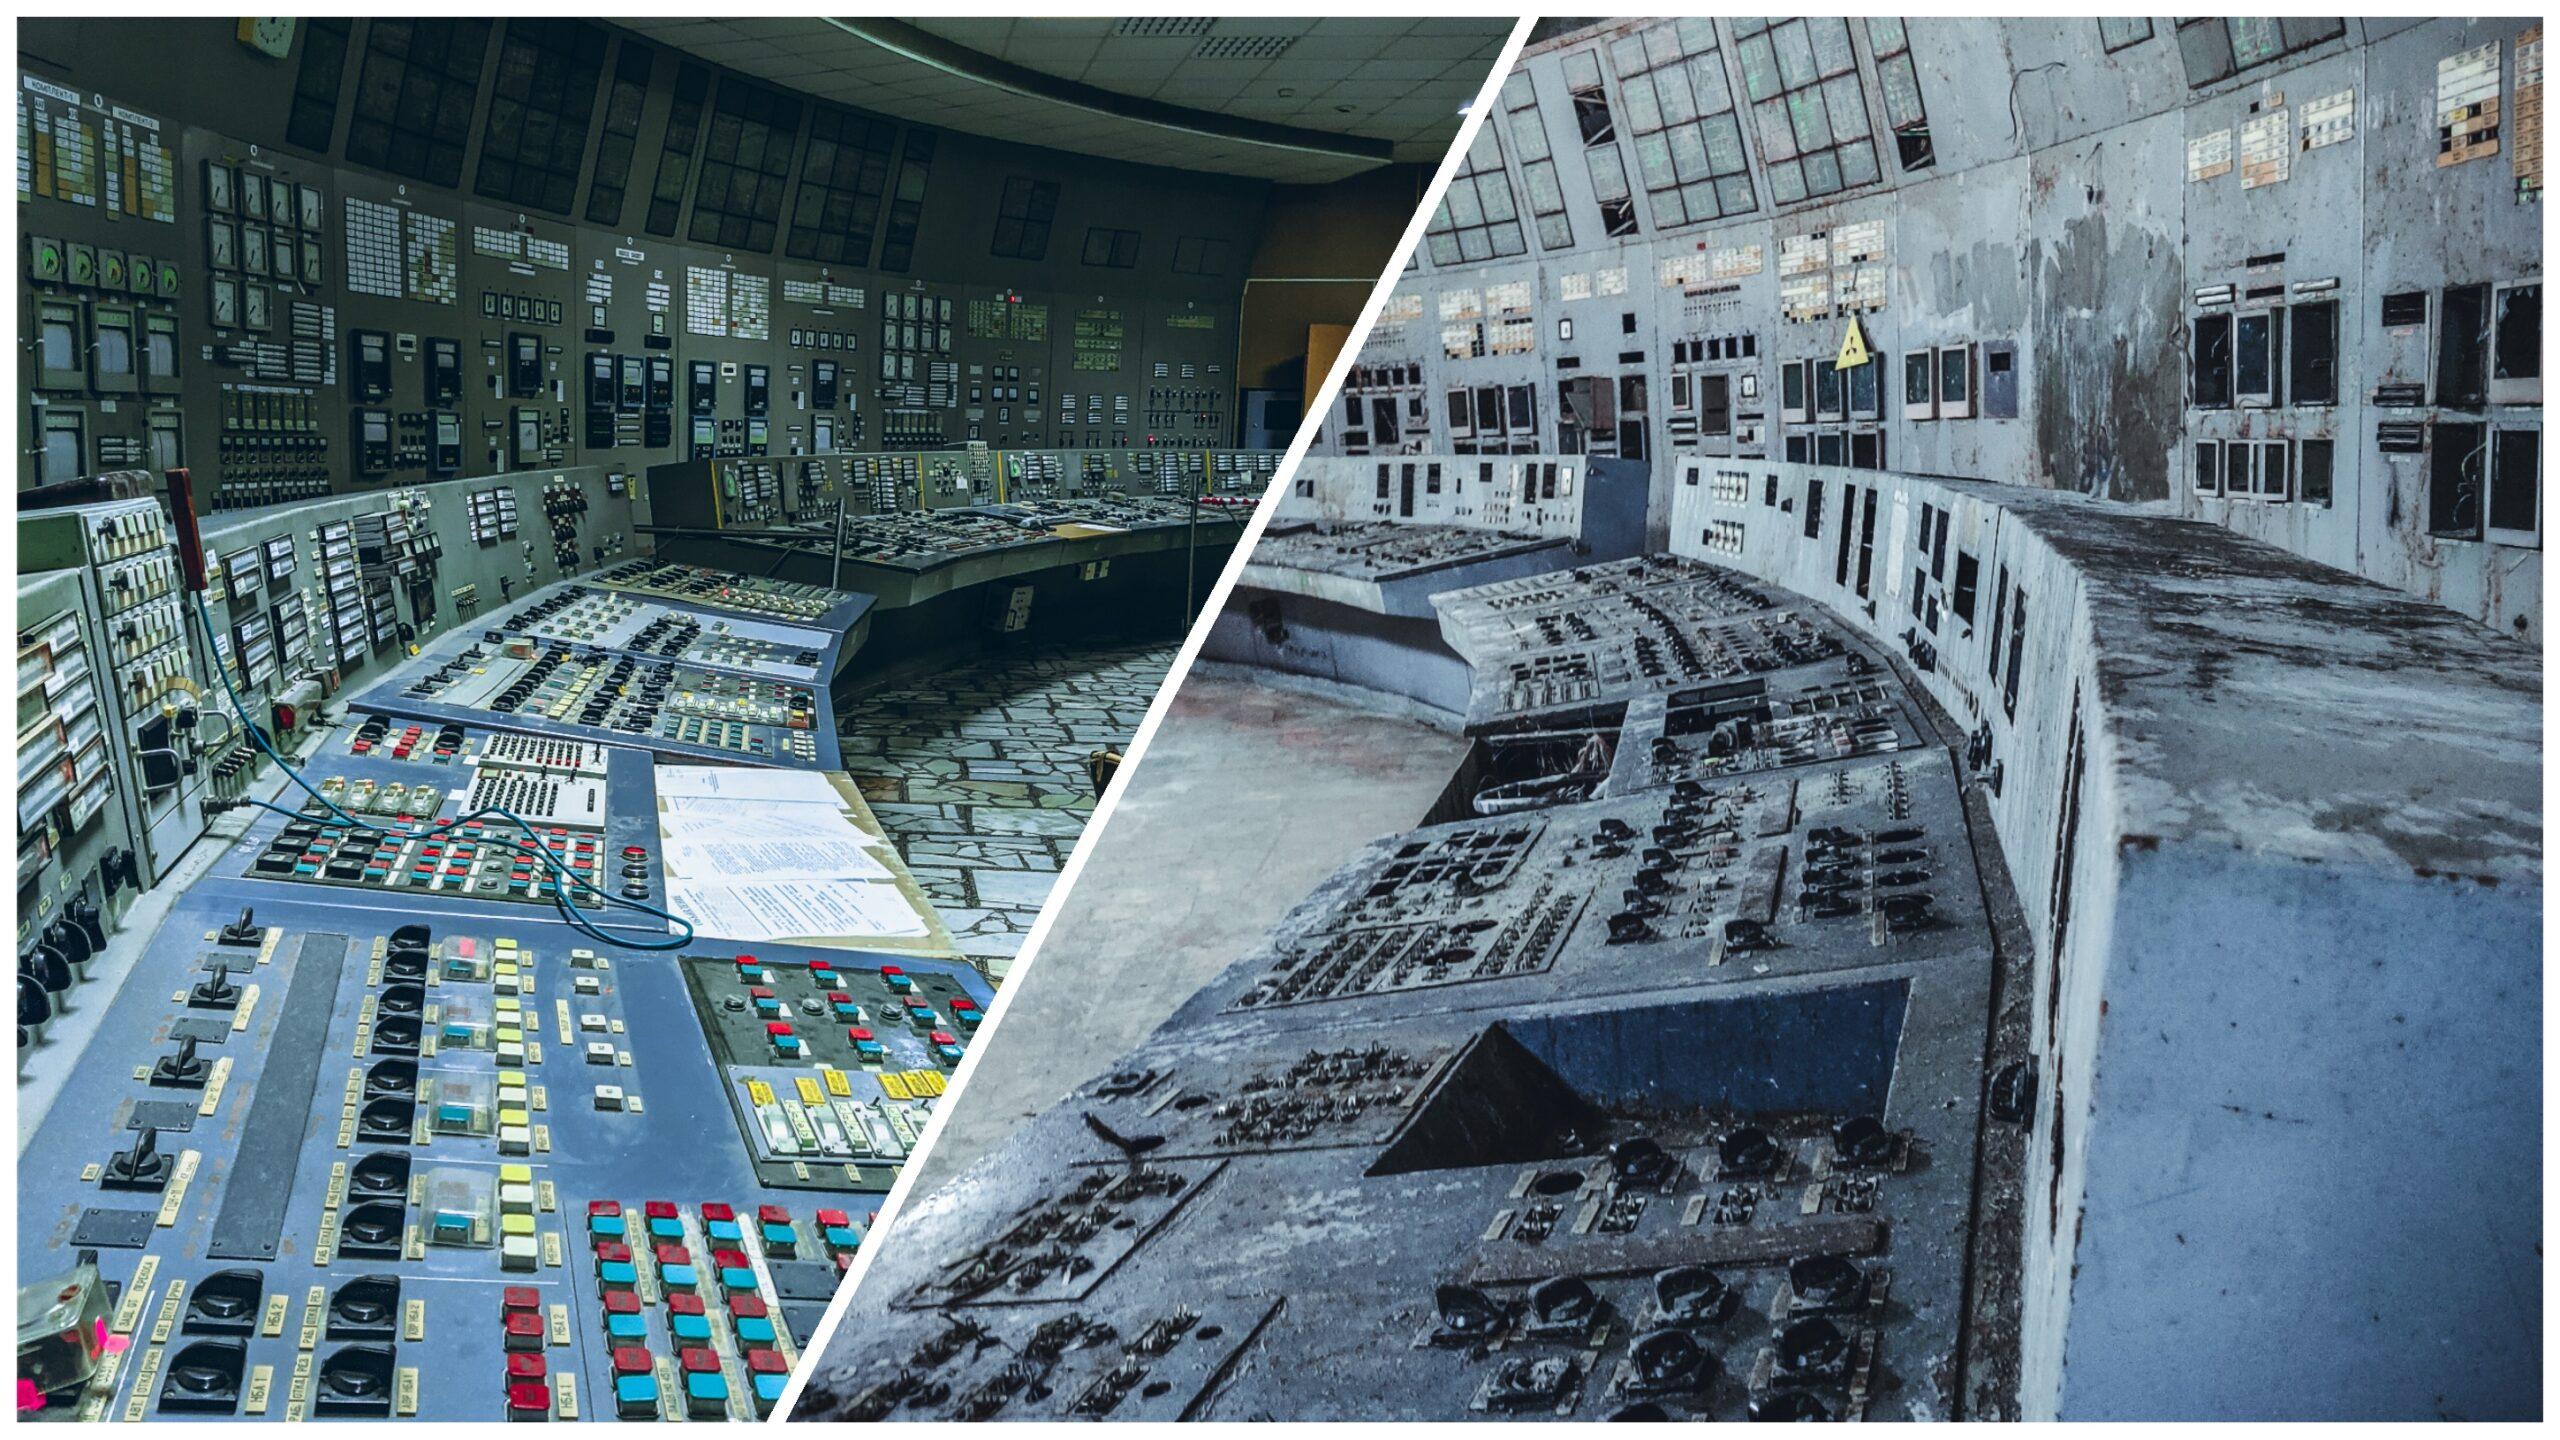 Chernobyl oggi: in visita alla centrale 35 anni dopo